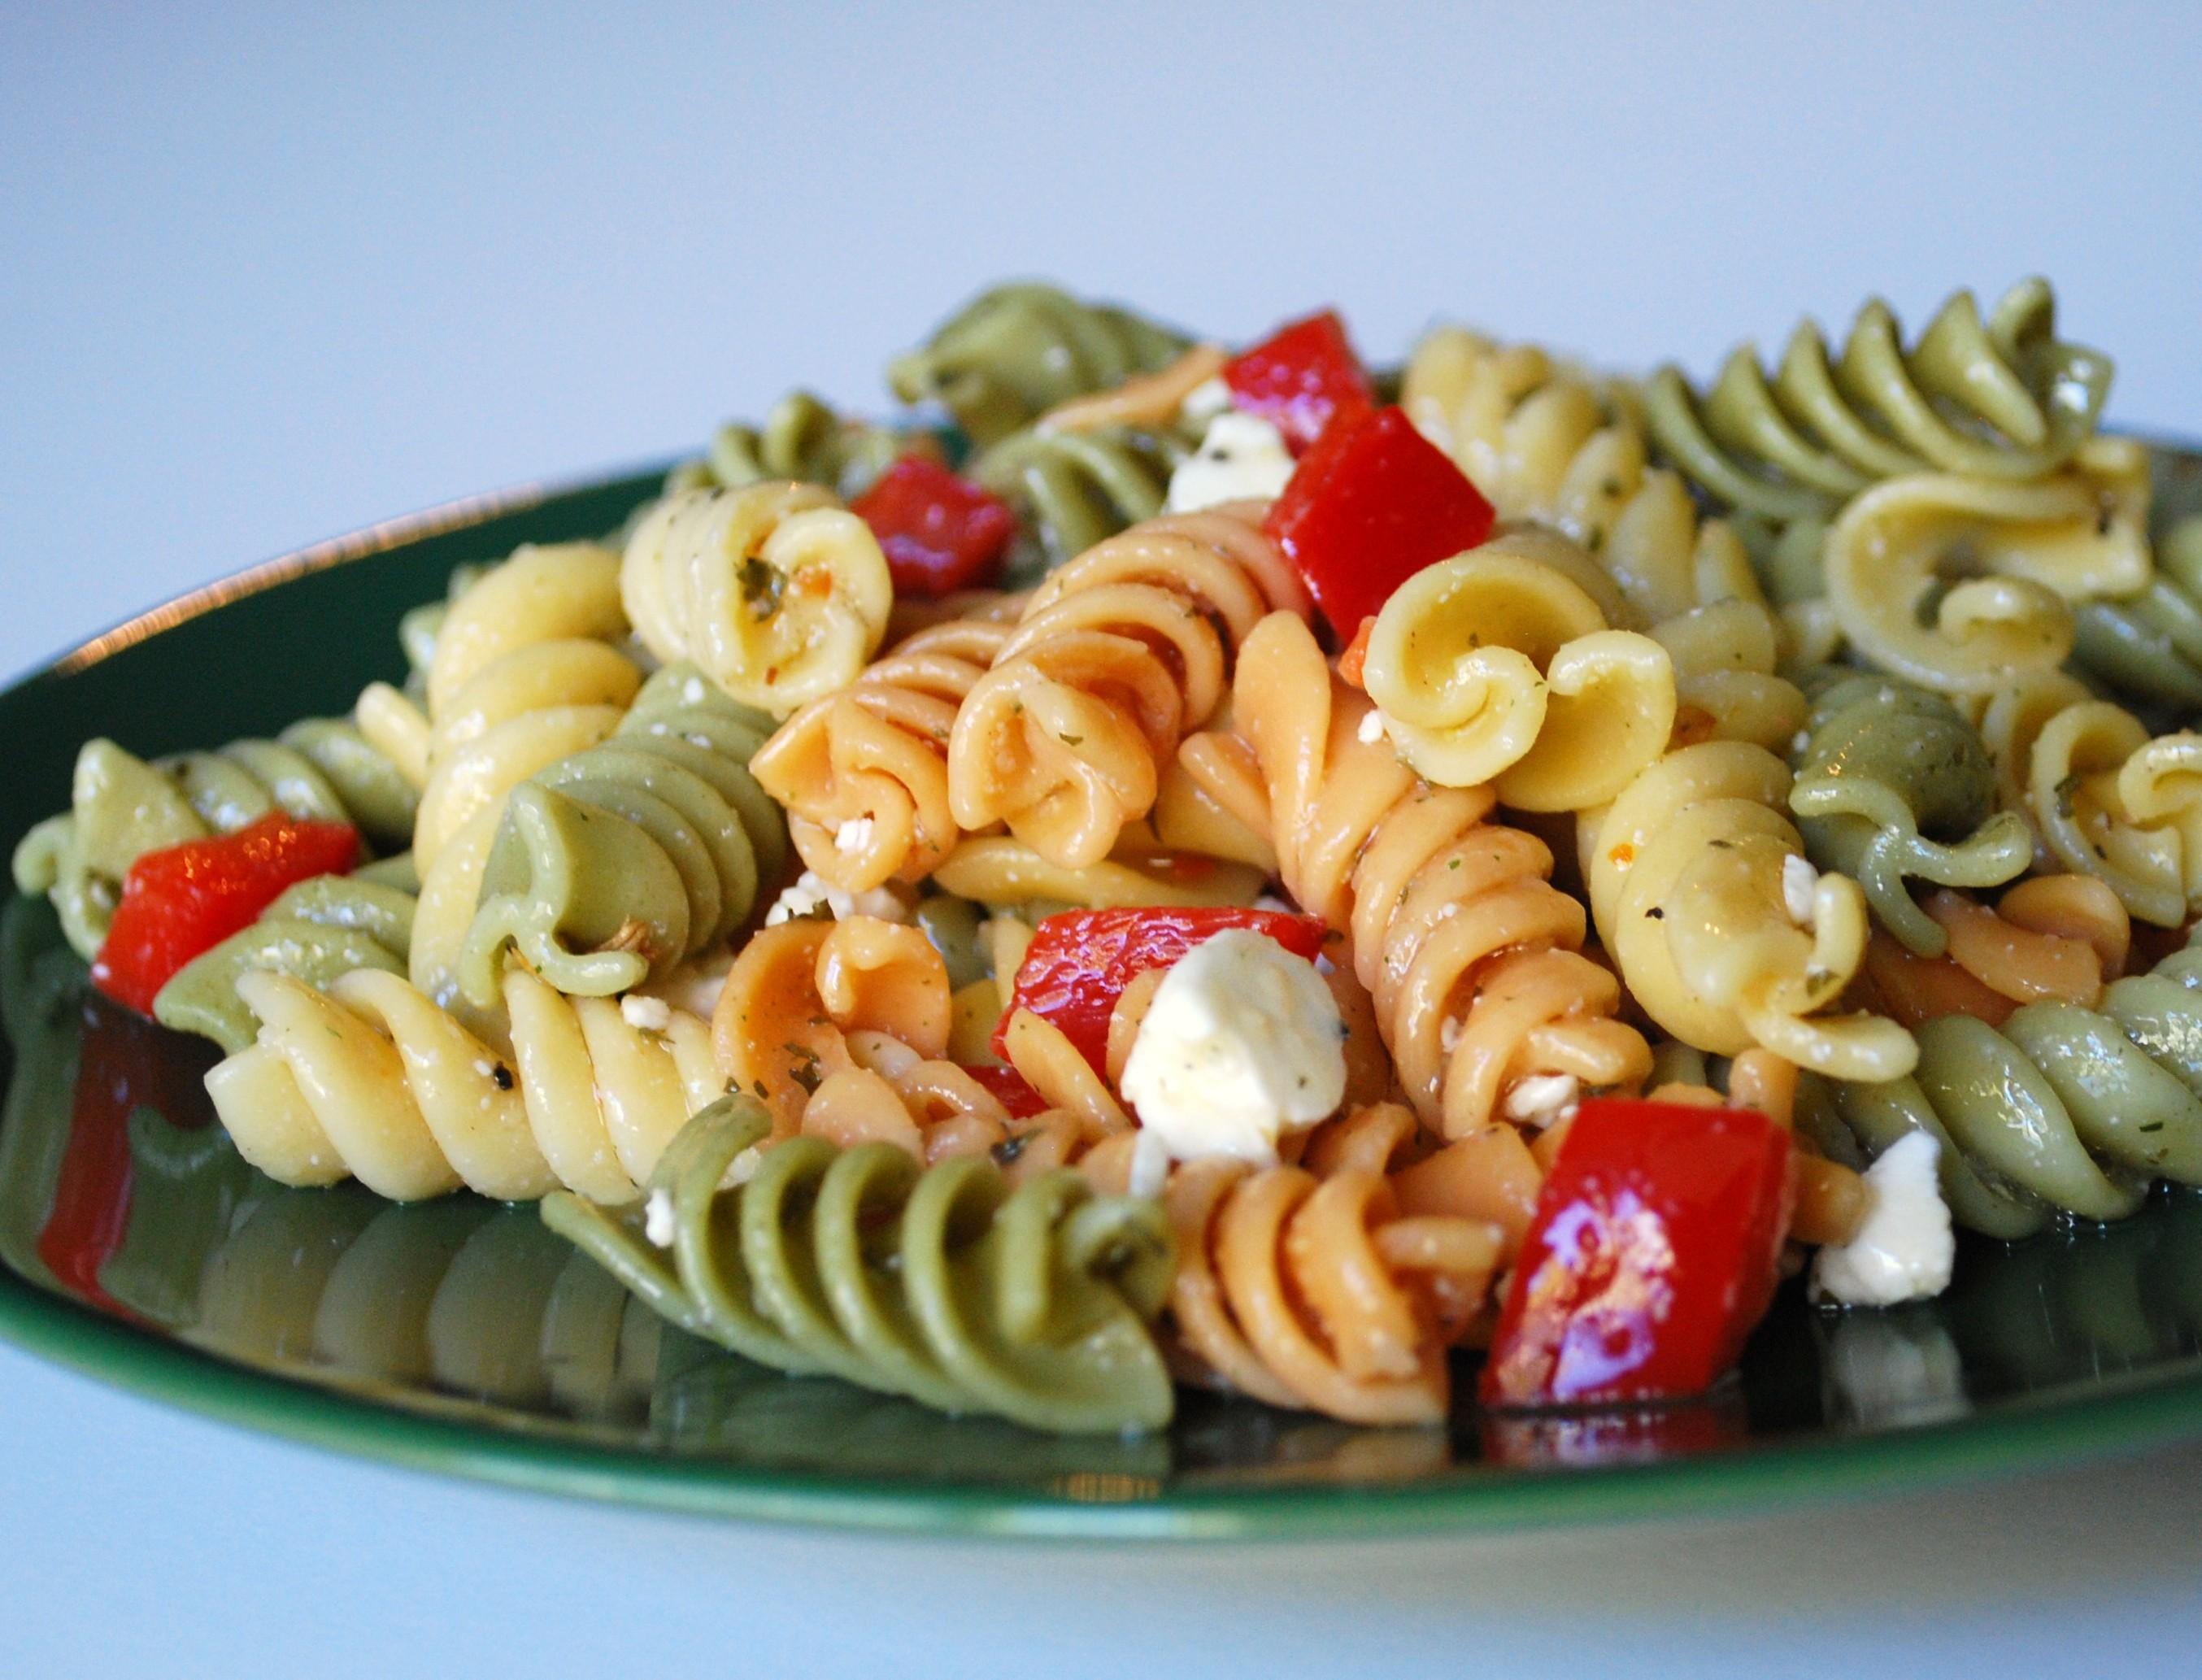 Pasta salad a la you.